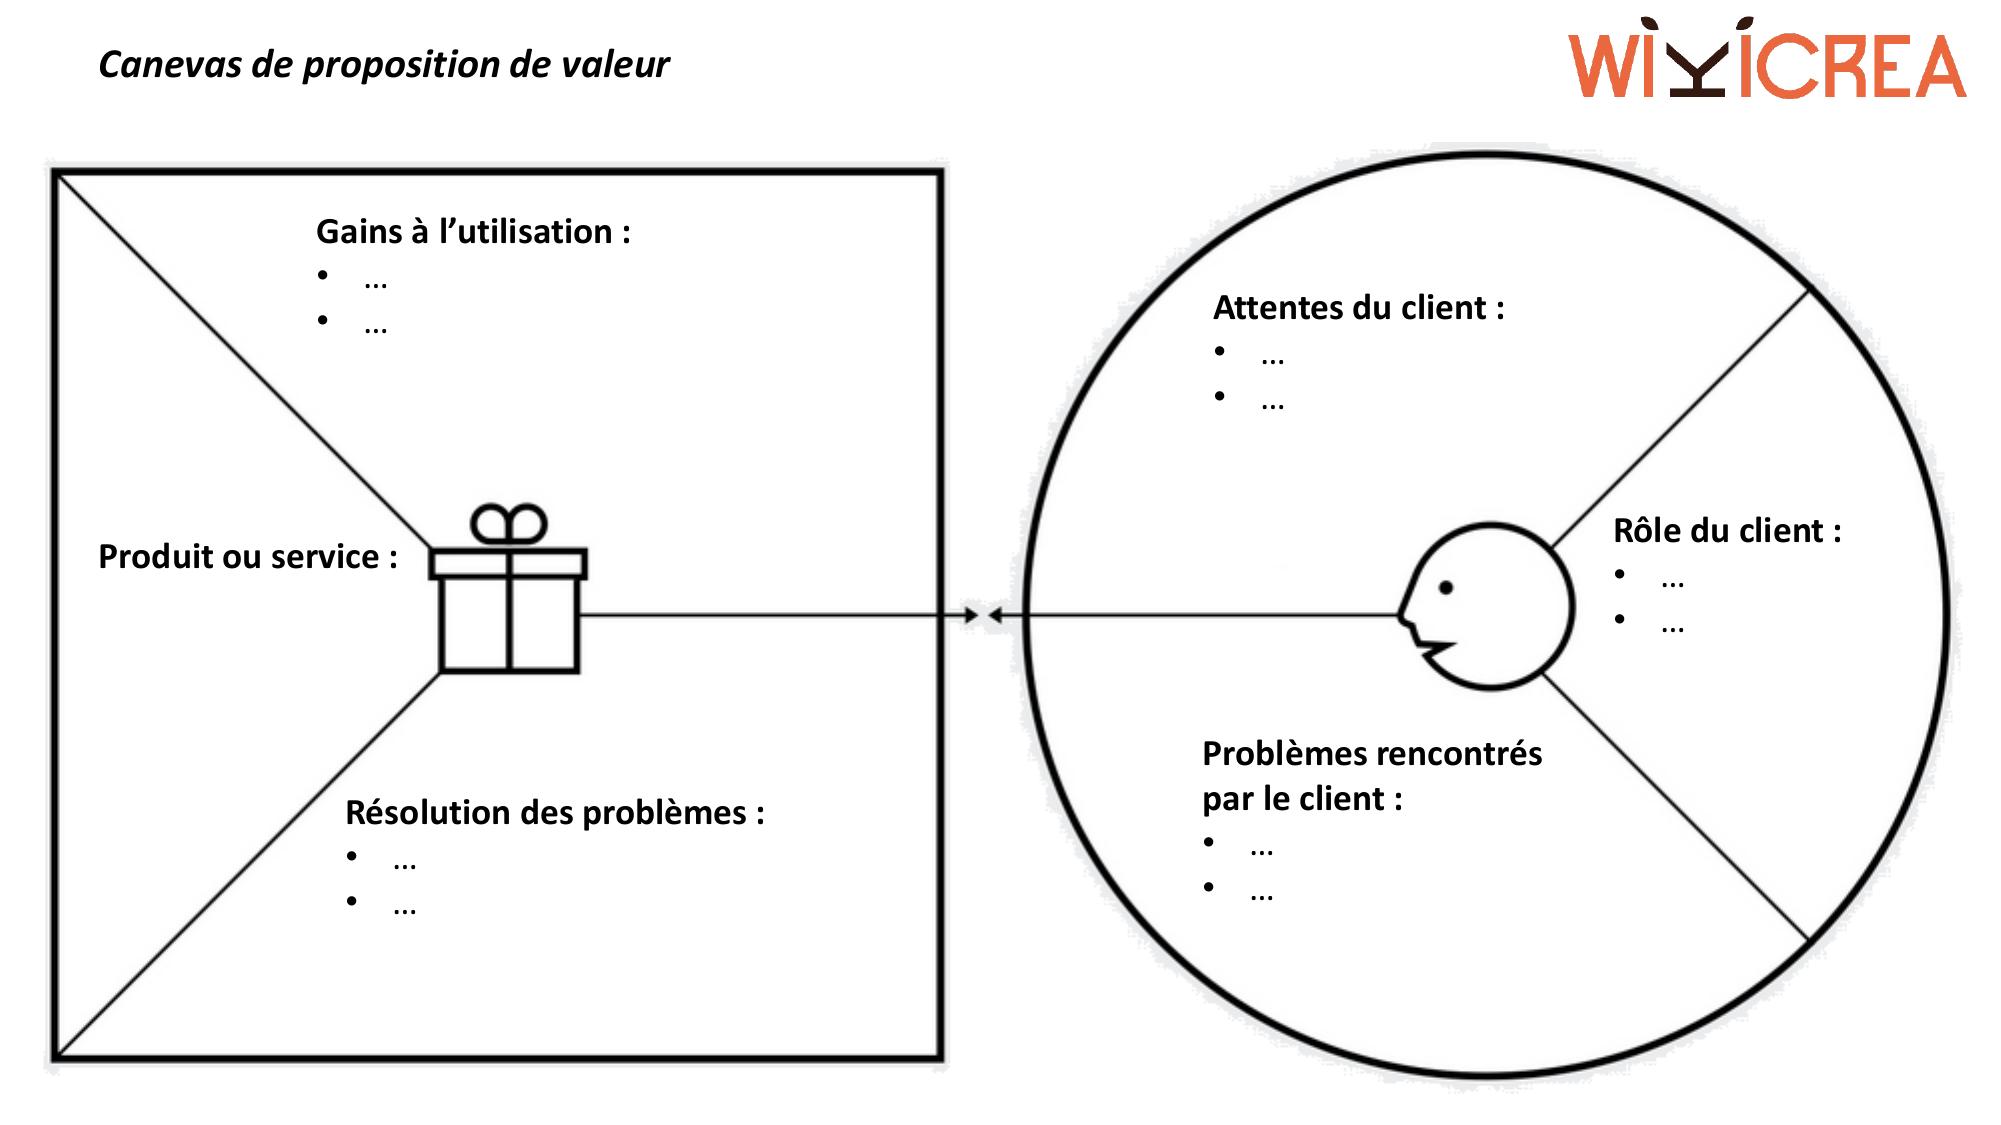 Modele Trame Vierge Canevas Proposition De Valeur